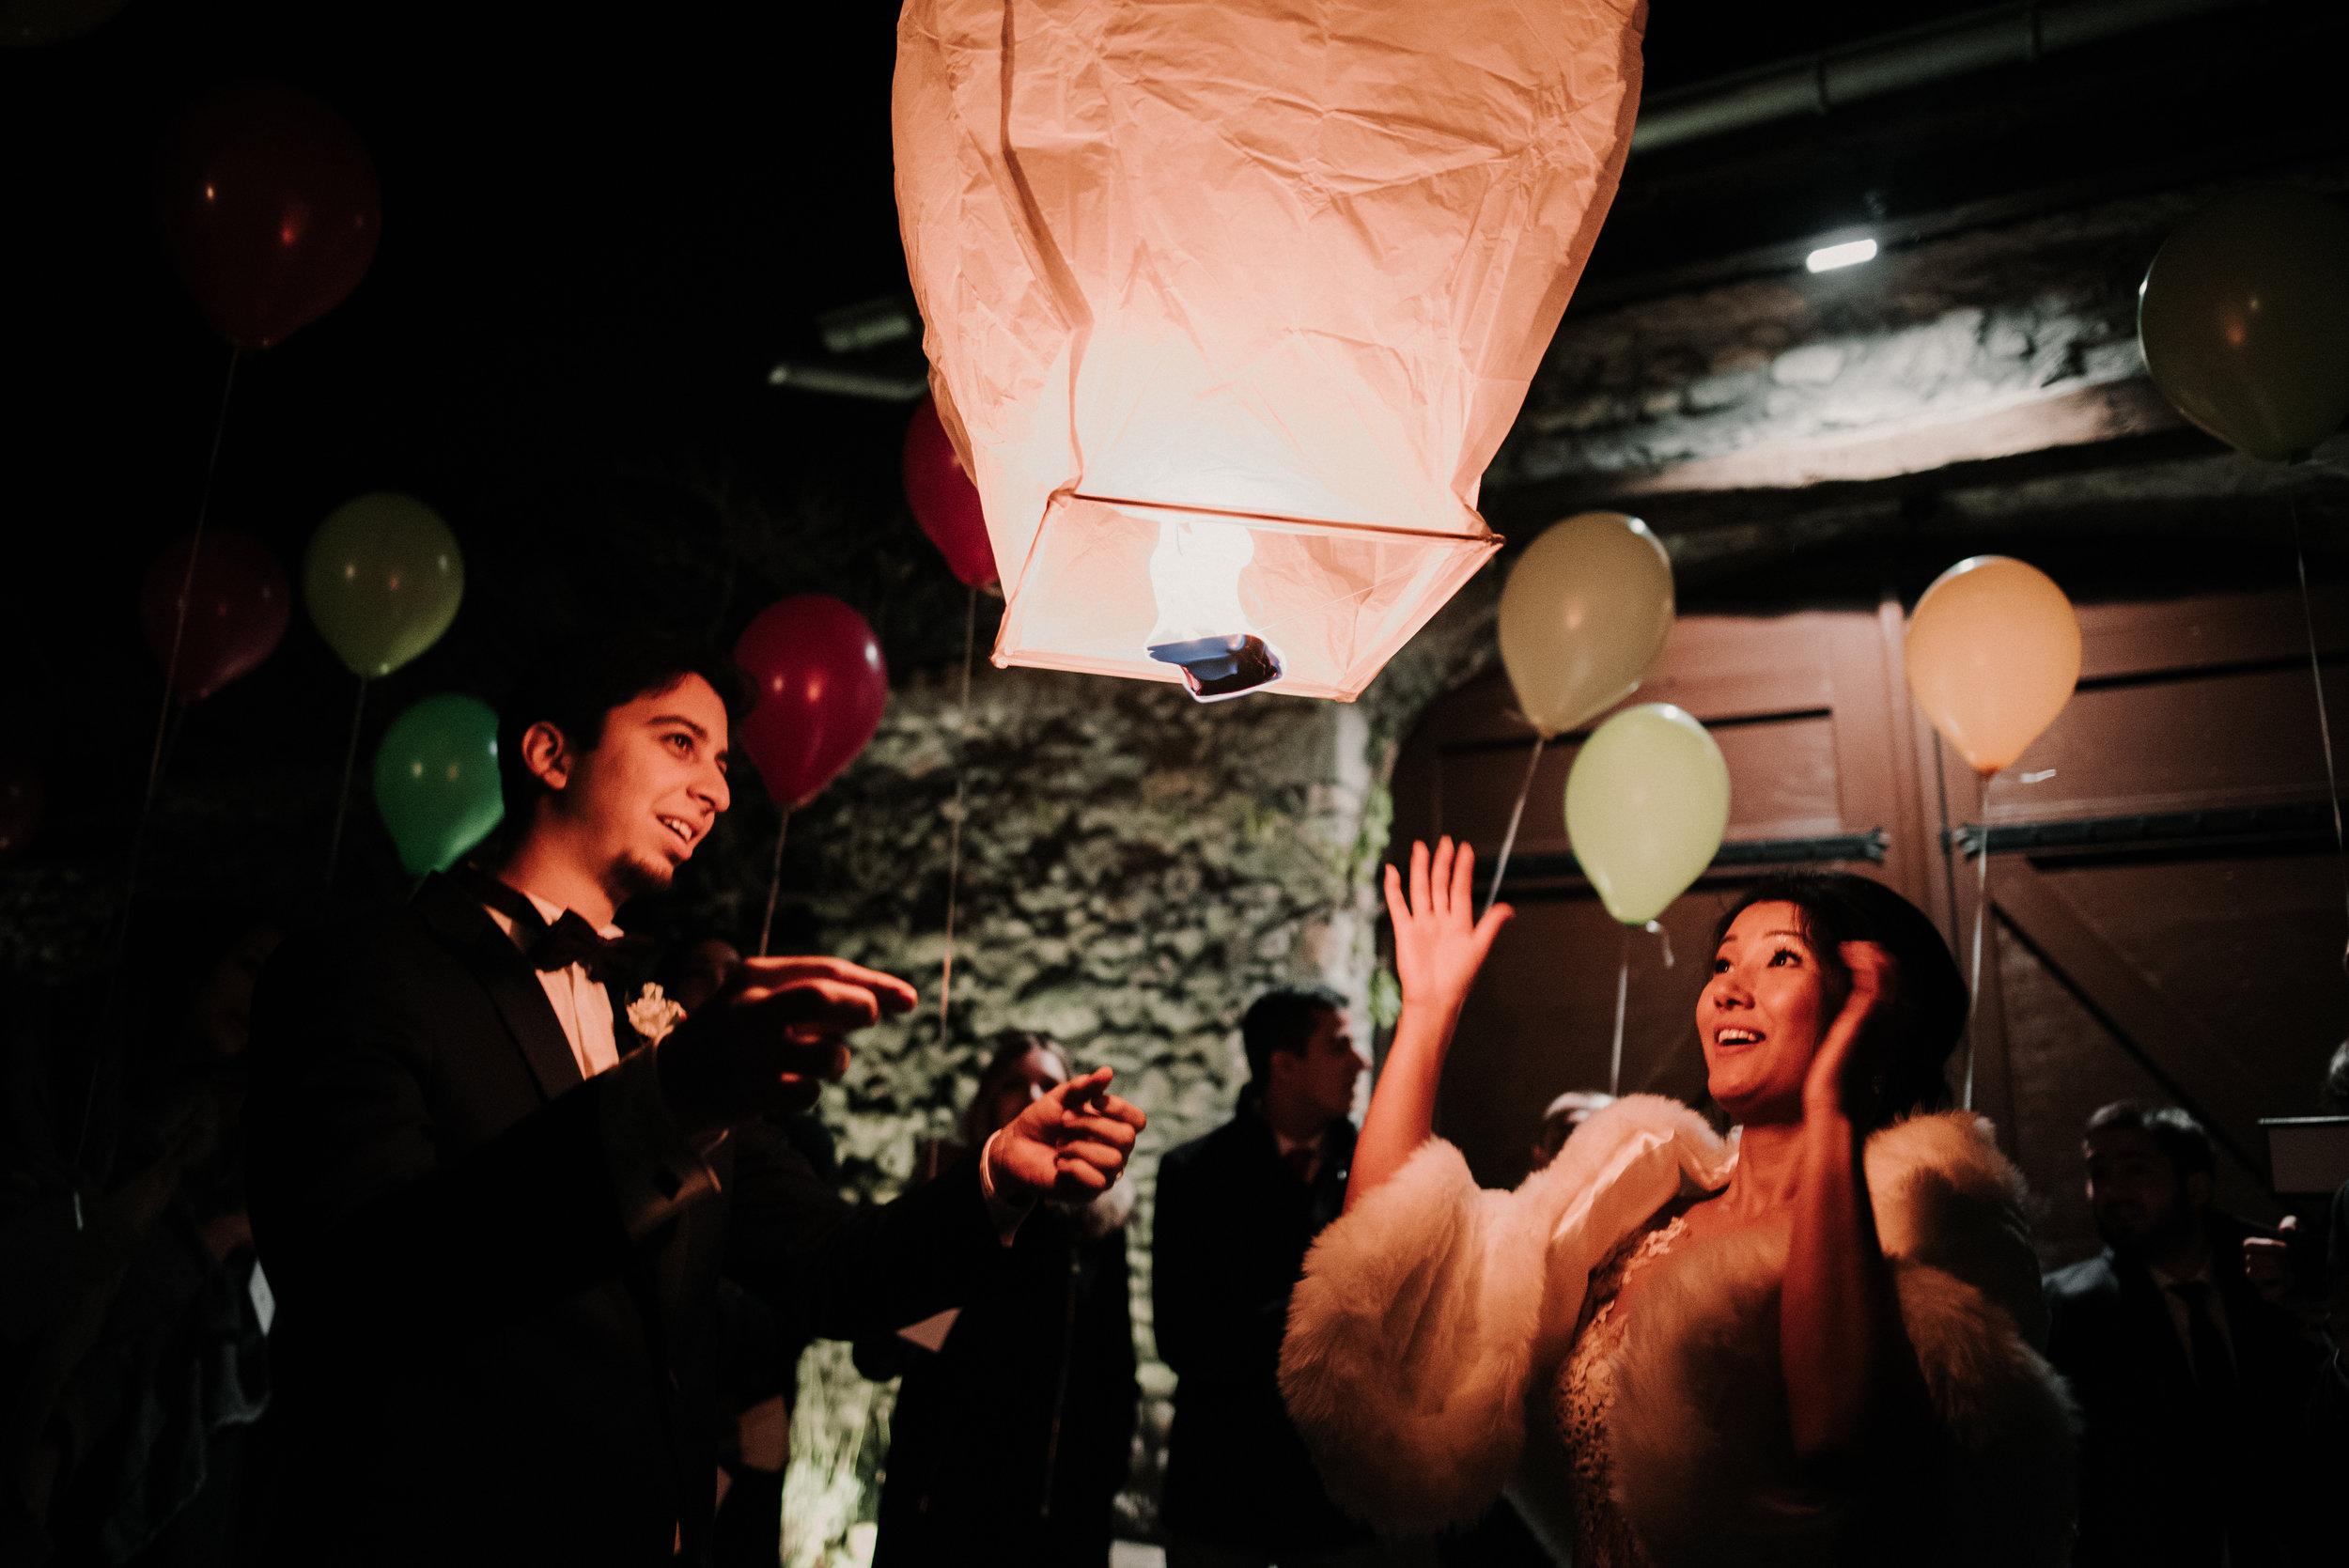 Léa-Fery-photographe-professionnel-lyon-rhone-alpes-portrait-creation-mariage-evenement-evenementiel-famille-2-171.jpg